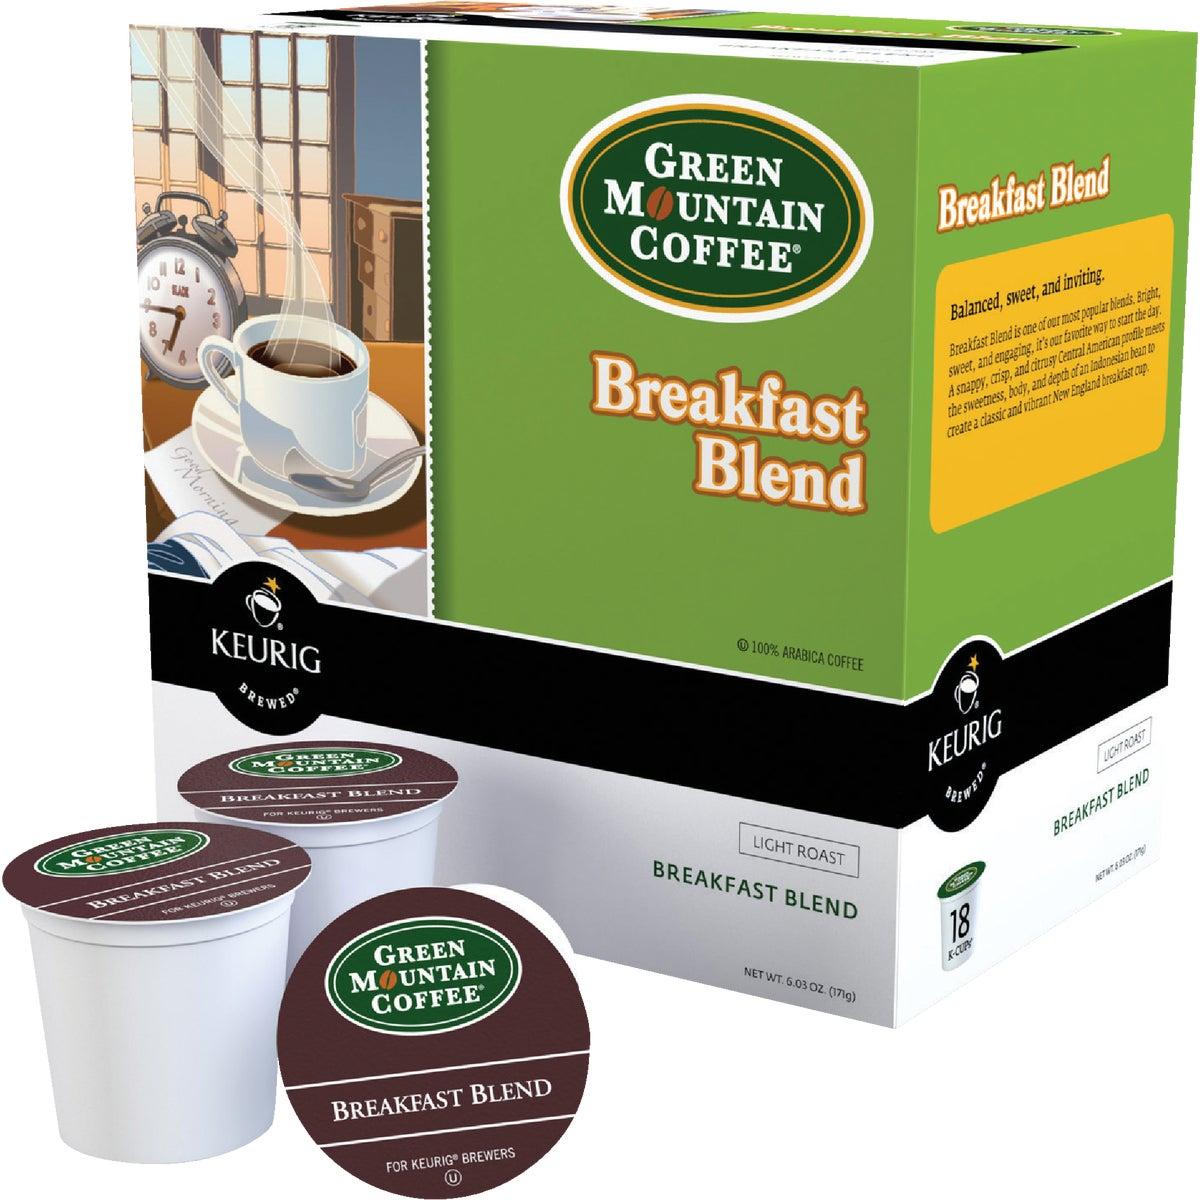 18CT BRKFST COFFEE K-CUP - 00520 by Keurig     M Block